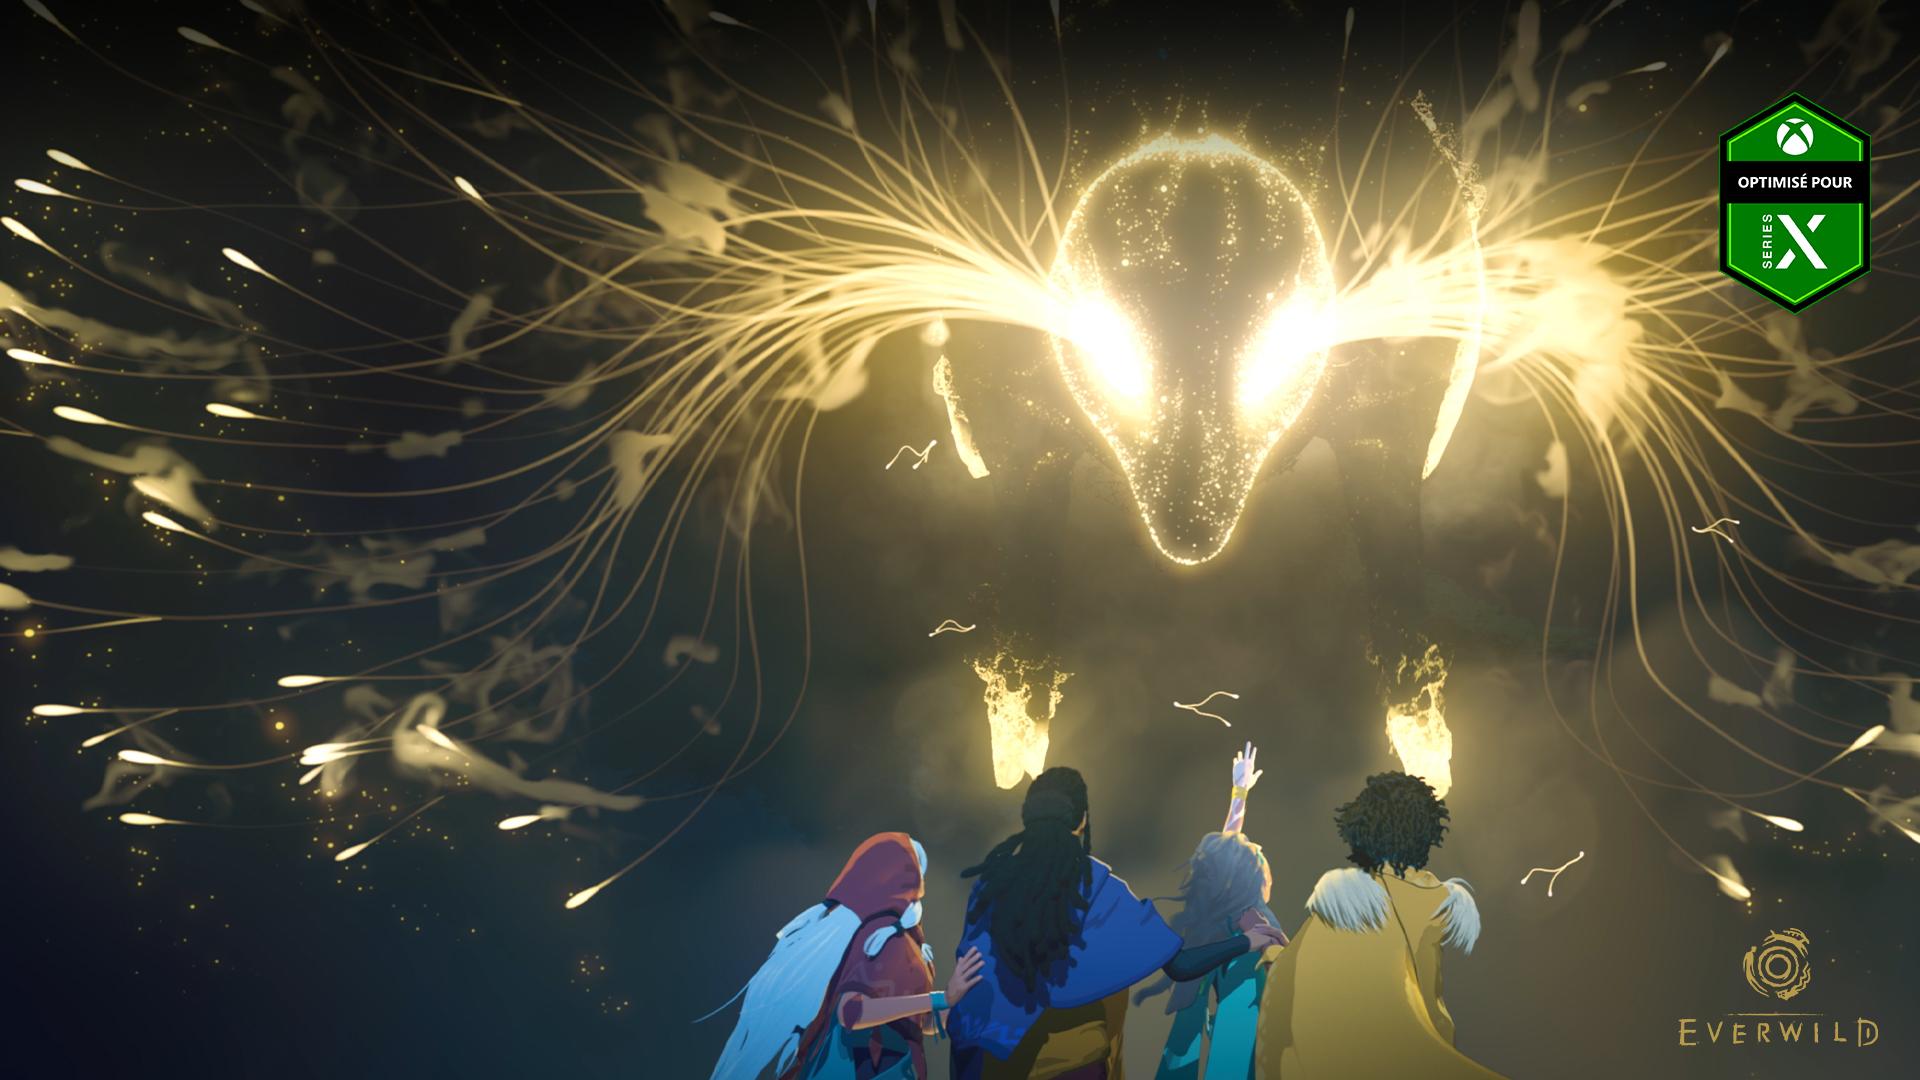 Dans Everwild, optimisé pour Series X, un groupe de personnages se tient sous une tête de cerf constituée d'éclairs lumineux.